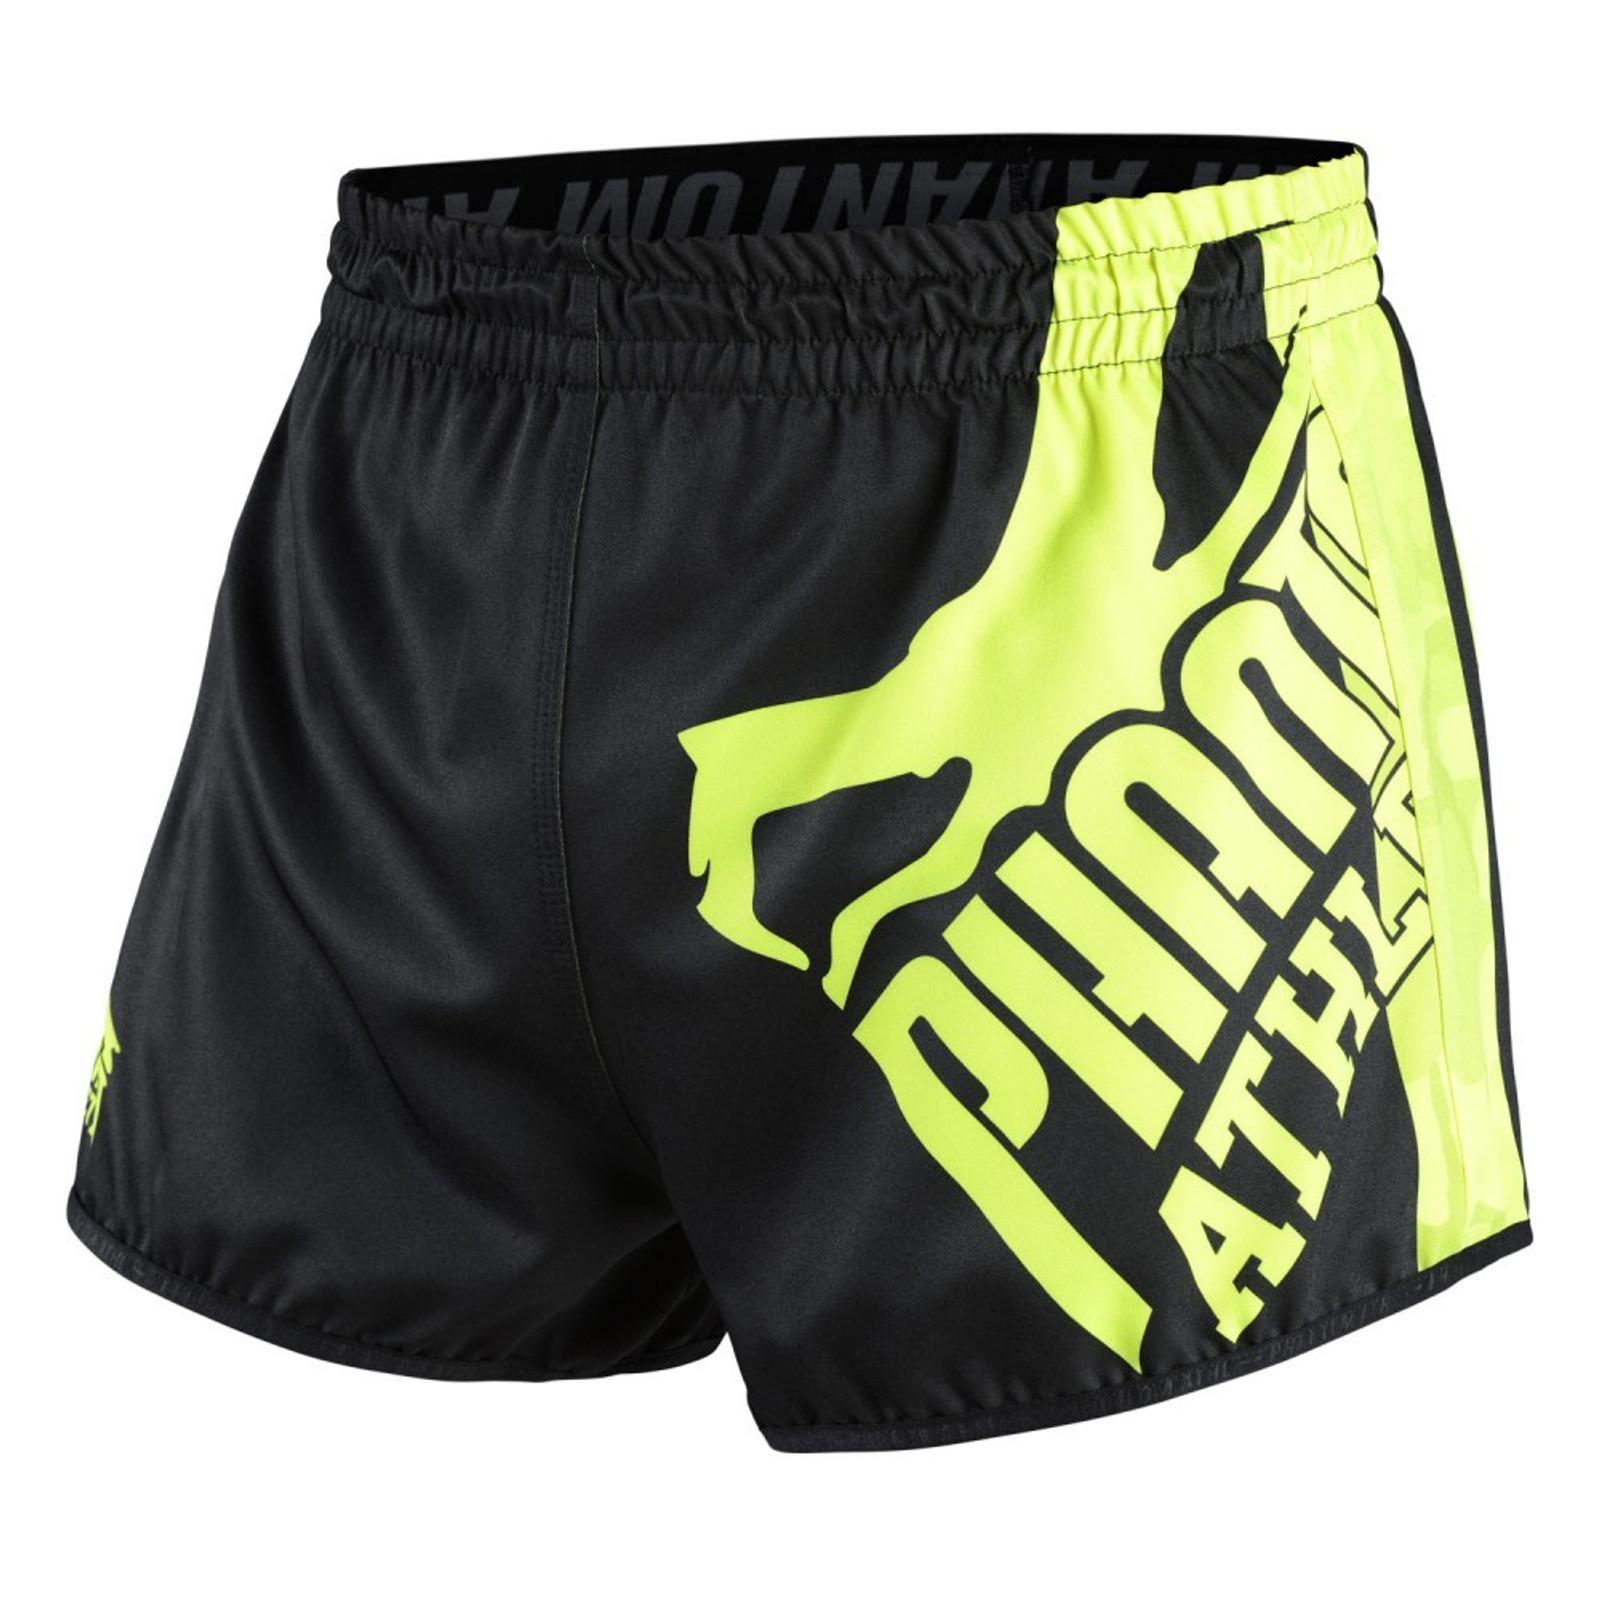 Phantom Athletics Herren Shorts Revolution